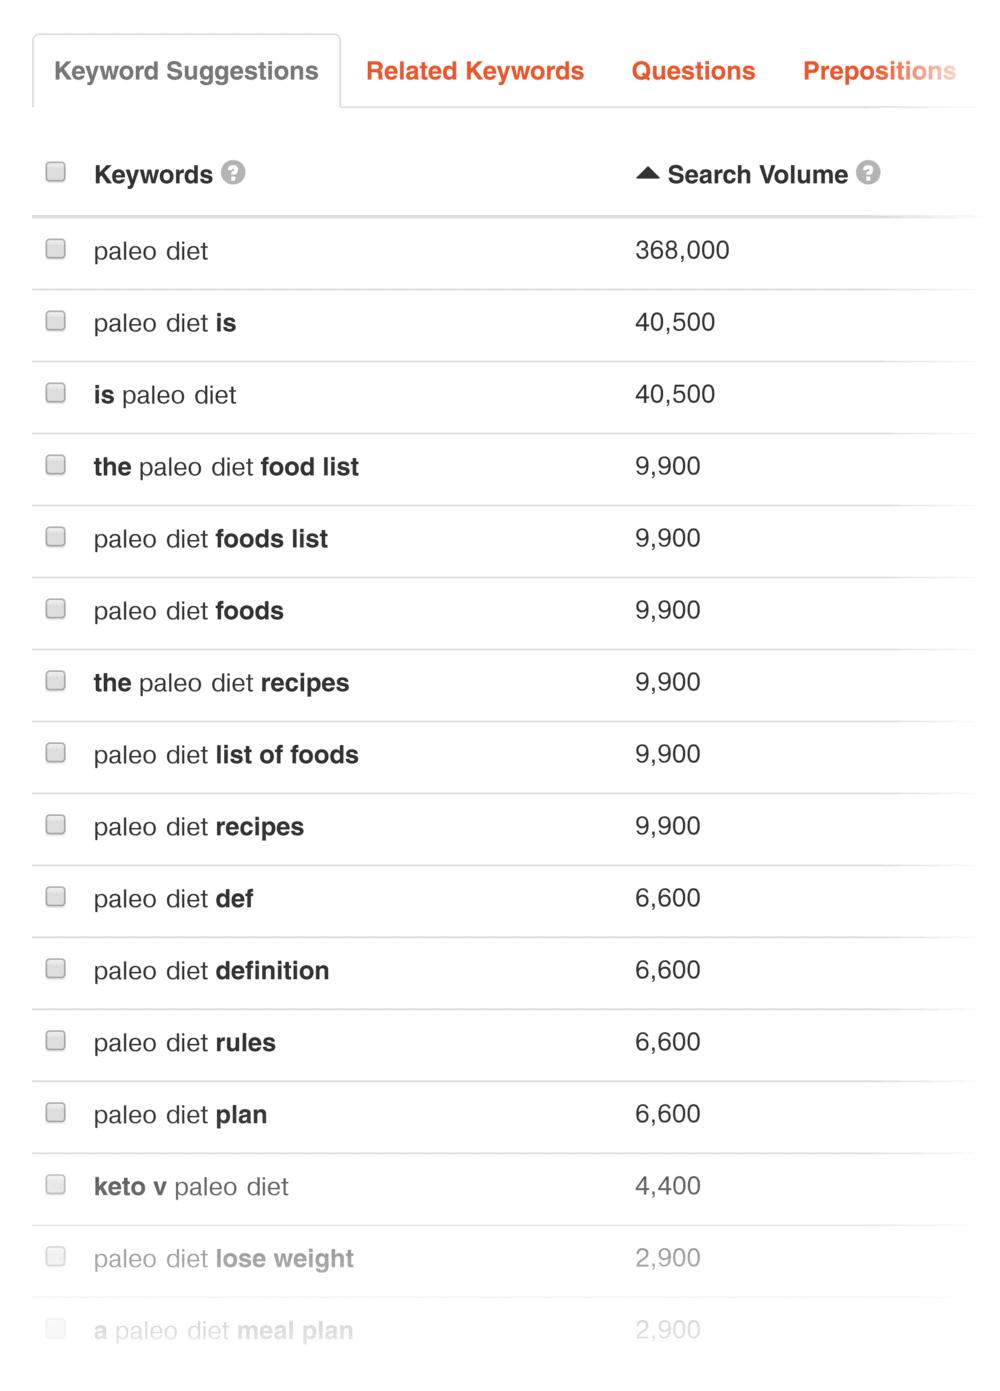 KeywordTool – Results